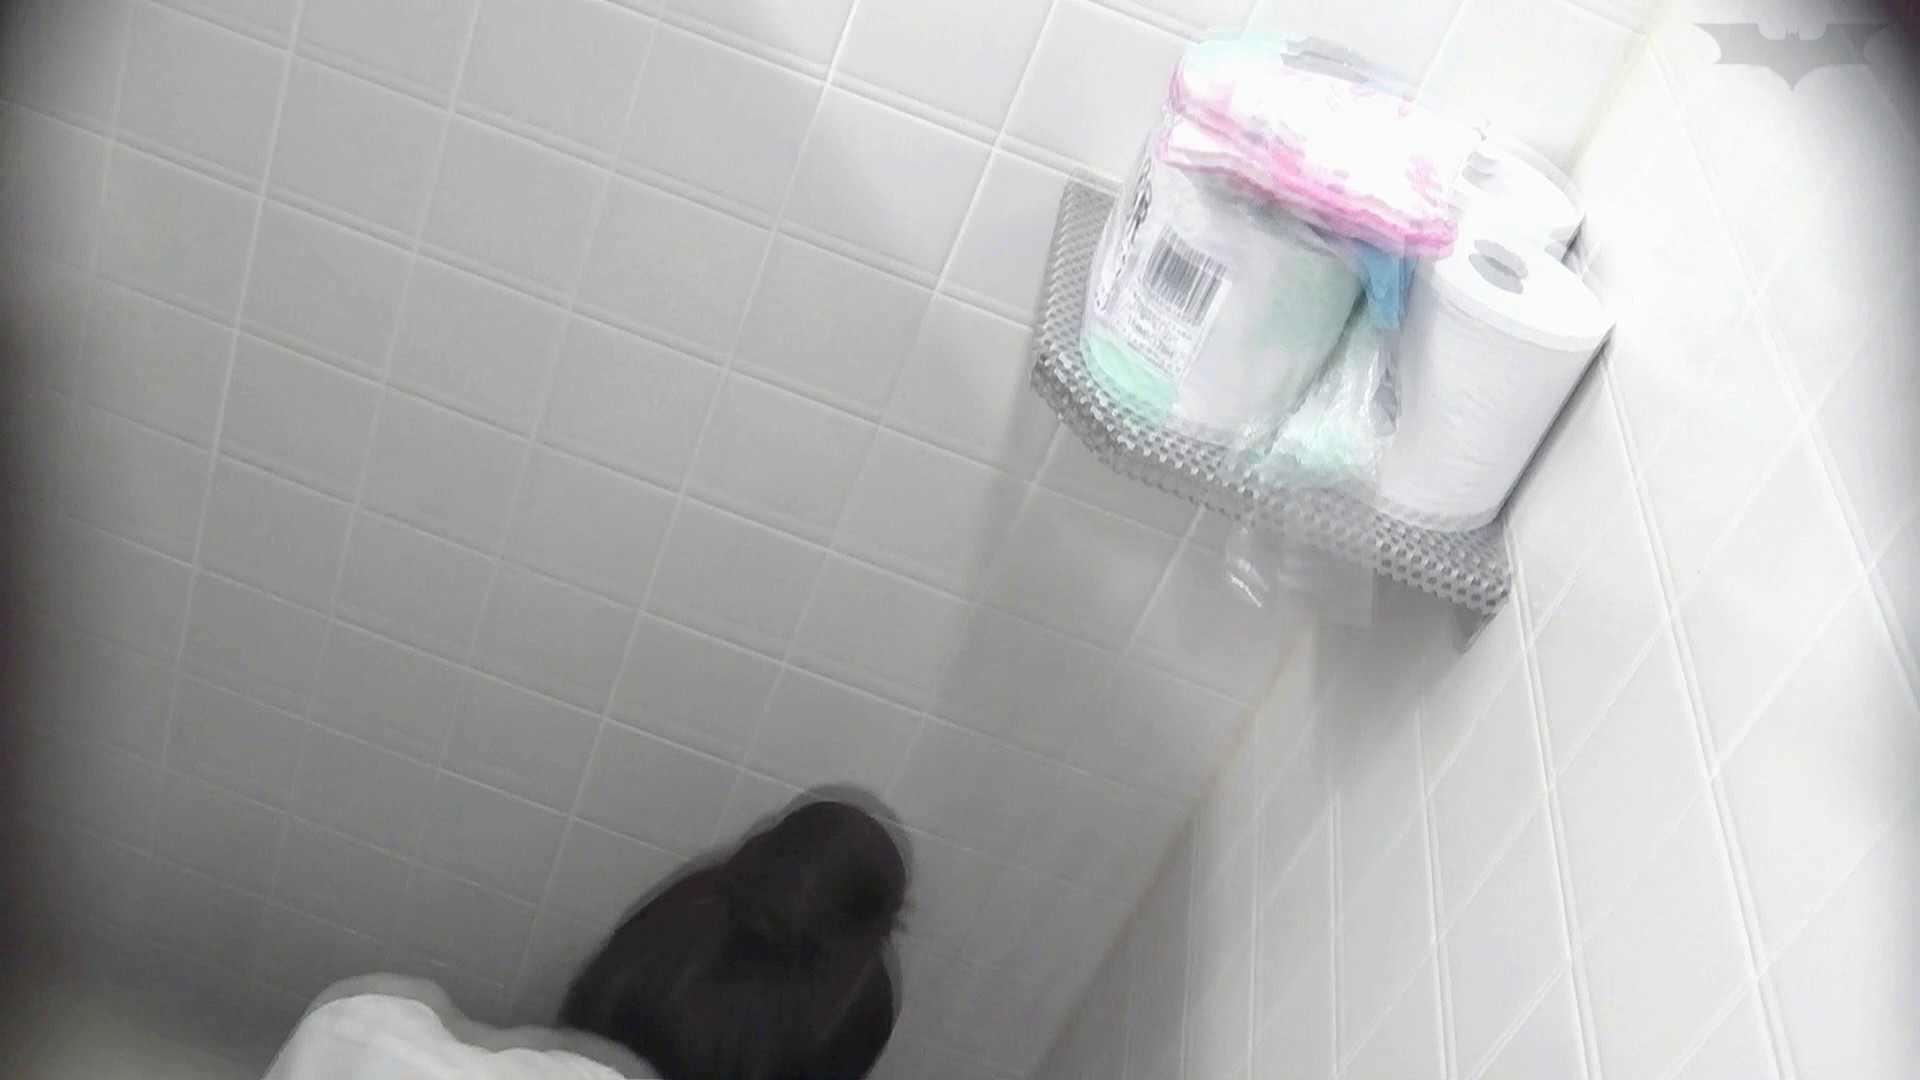 お銀 vol.72 あのかわいい子がついフロント撮り実演 洗面所 | 美人  23pic 10